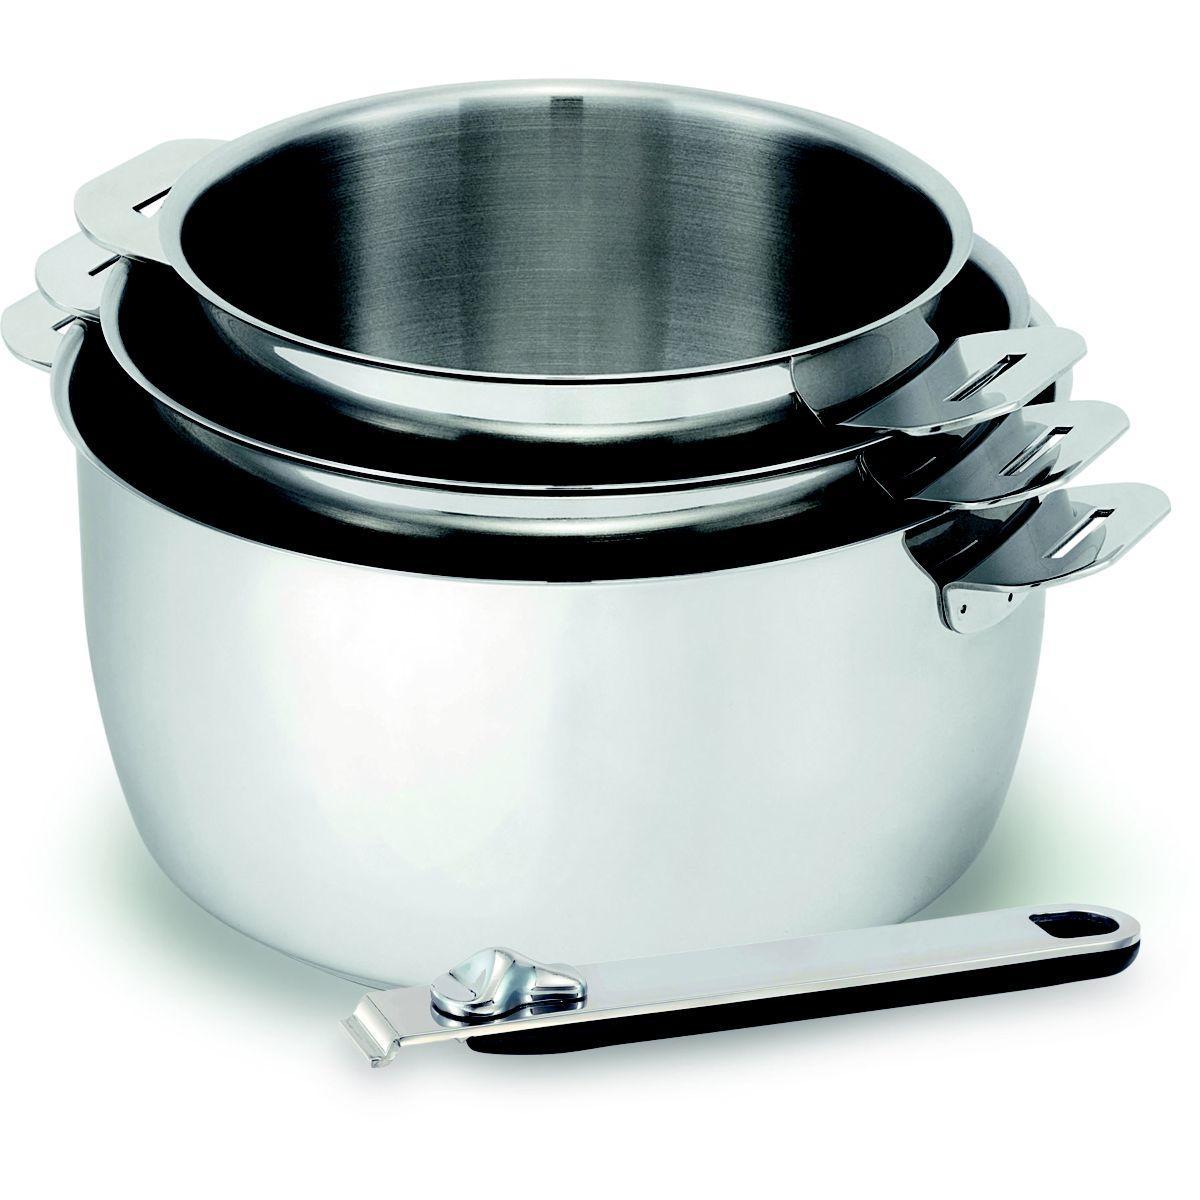 Batterie de cuisine kitchen fun move on 3 casseroles 16-18-20cm + manche - livraison offerte : code liv (photo)